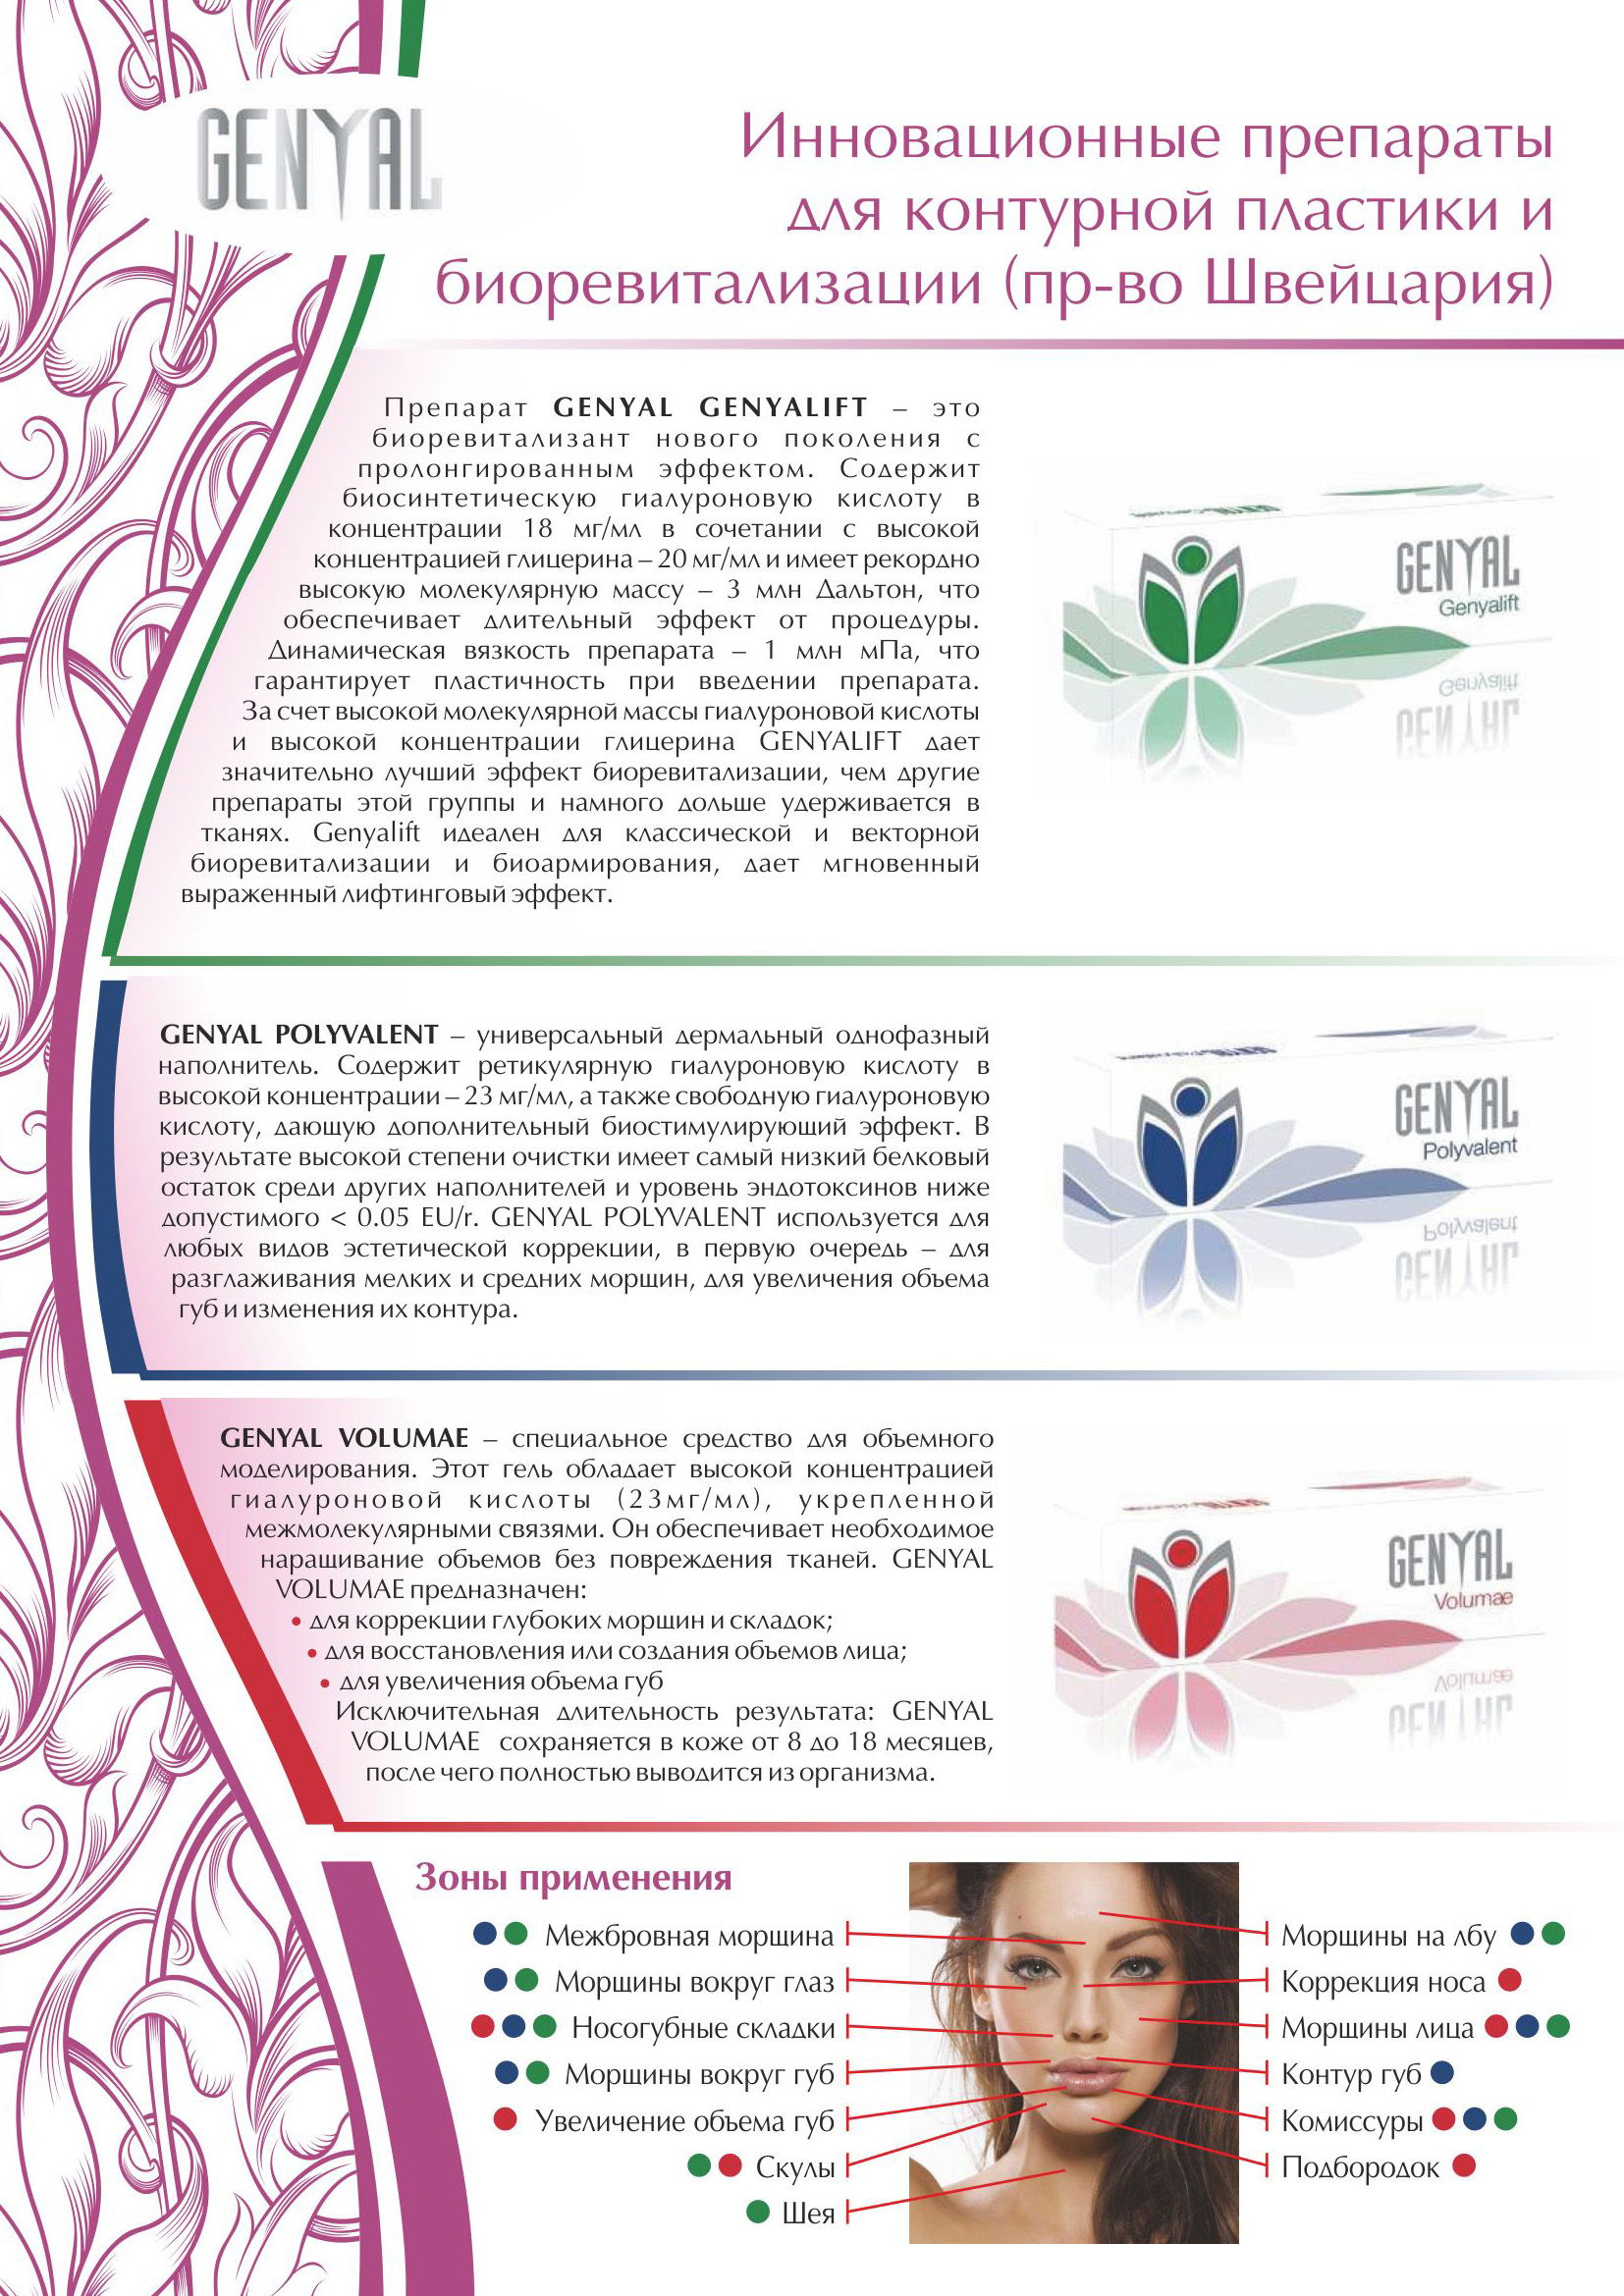 Преимущества и специфические характеристики препаратов для контурной пластики GENYAL